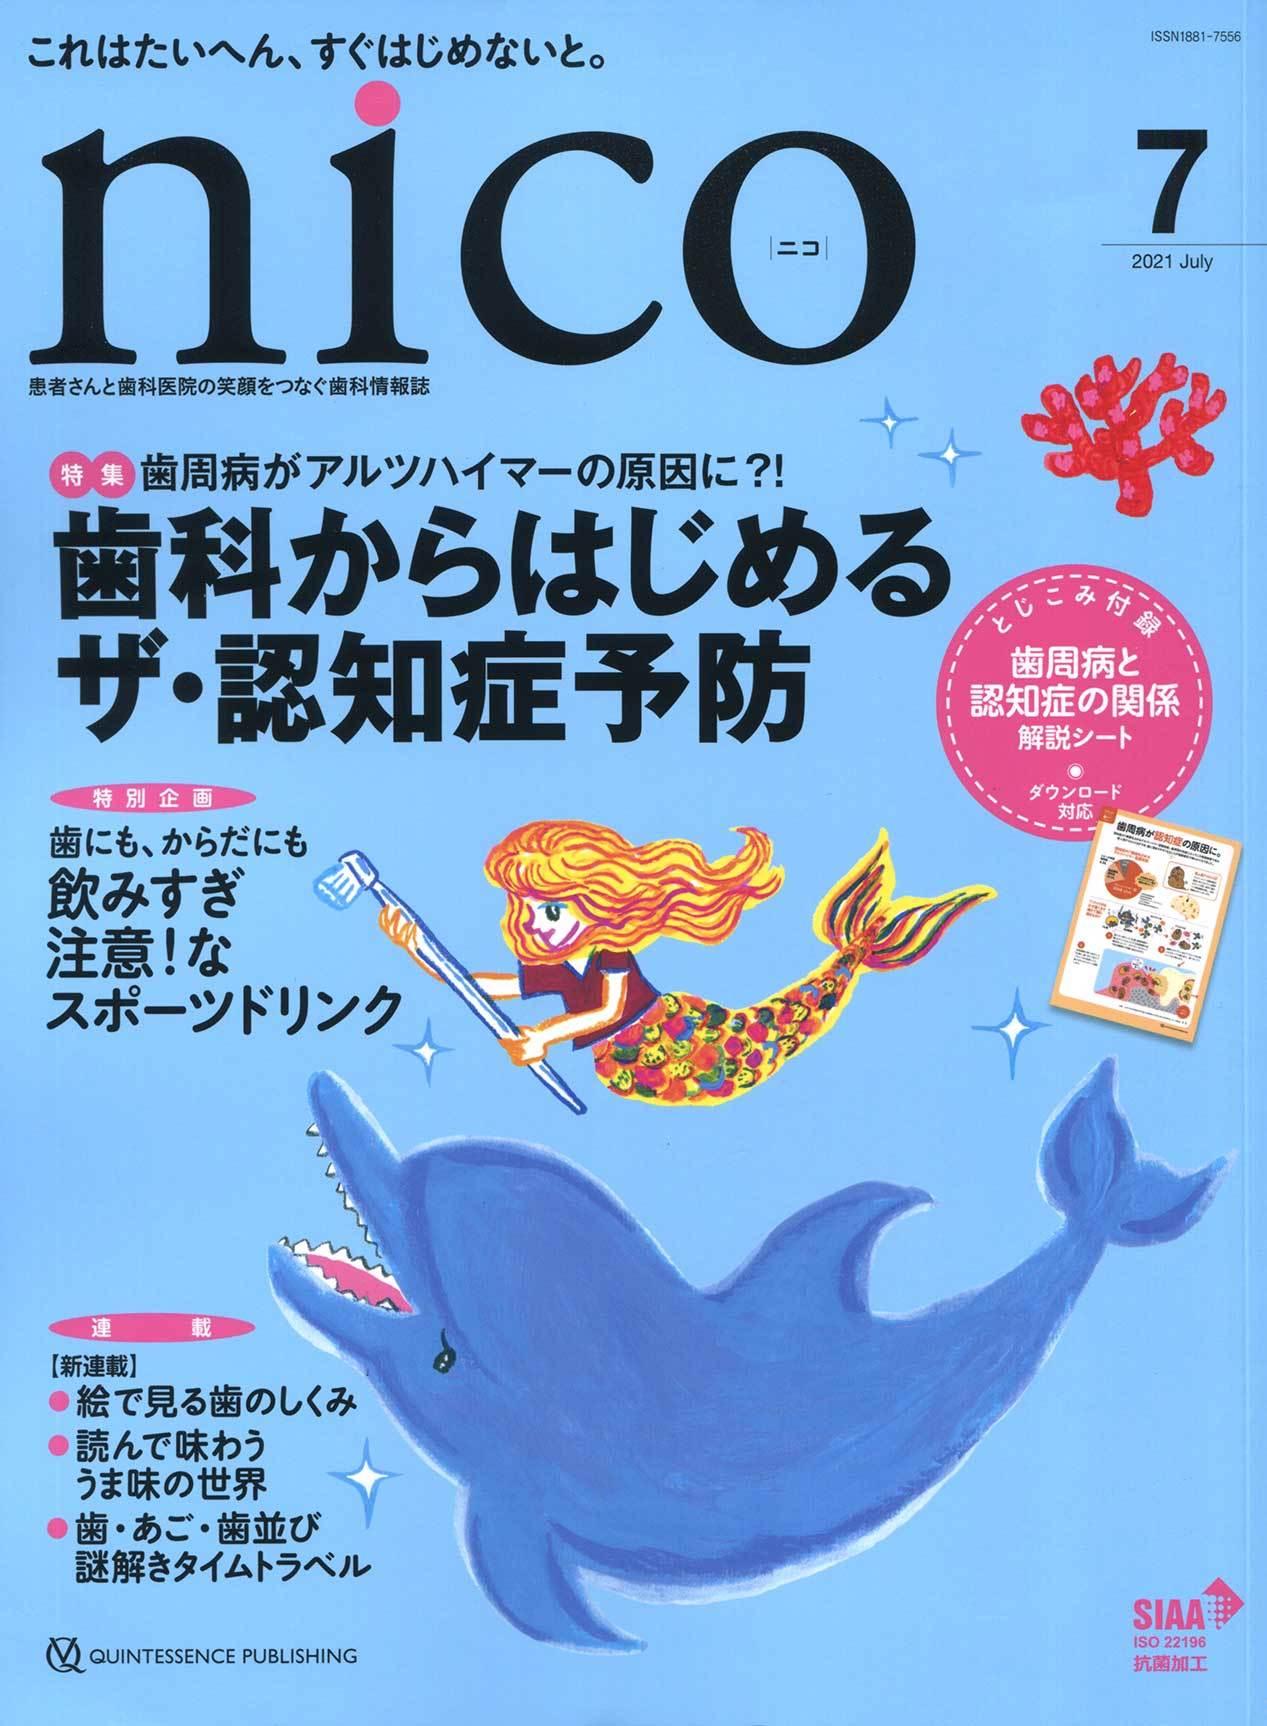 歯科情報誌 nico 2021年7月号 表紙イラストレーション_a0048227_10062284.jpg